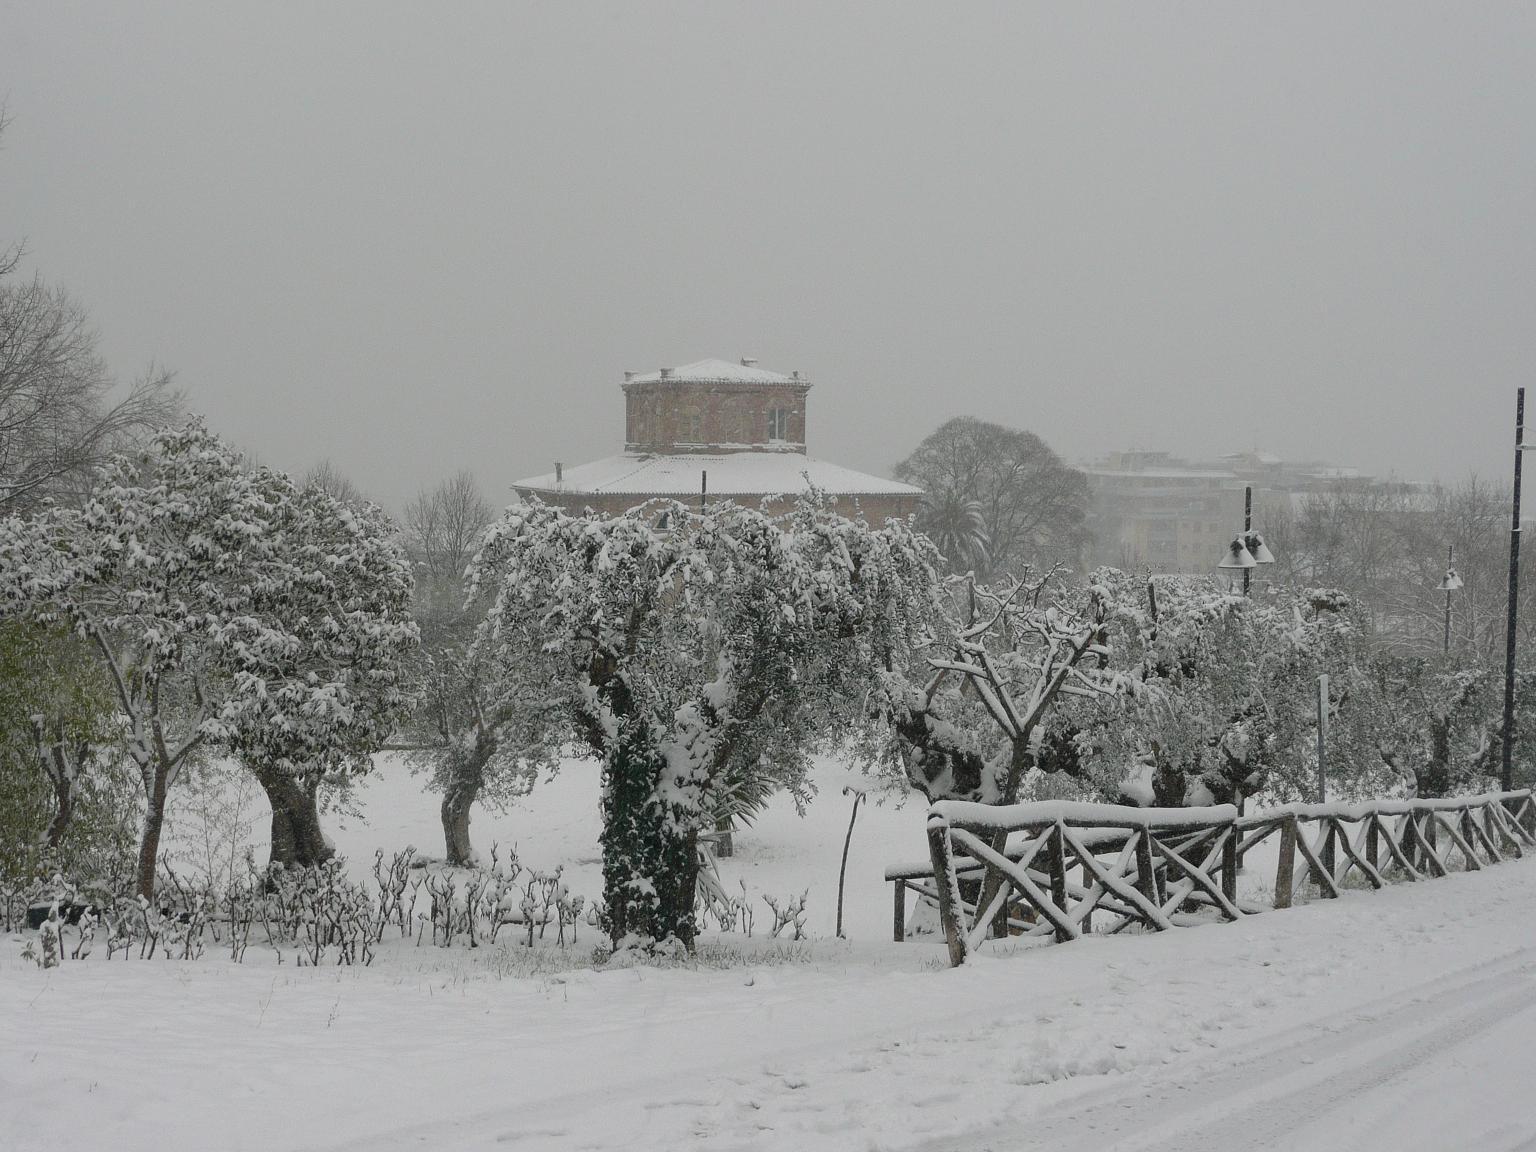 Neve a Grottammare, 4 febbraio 2012 foto di Alessandra Sanguigni